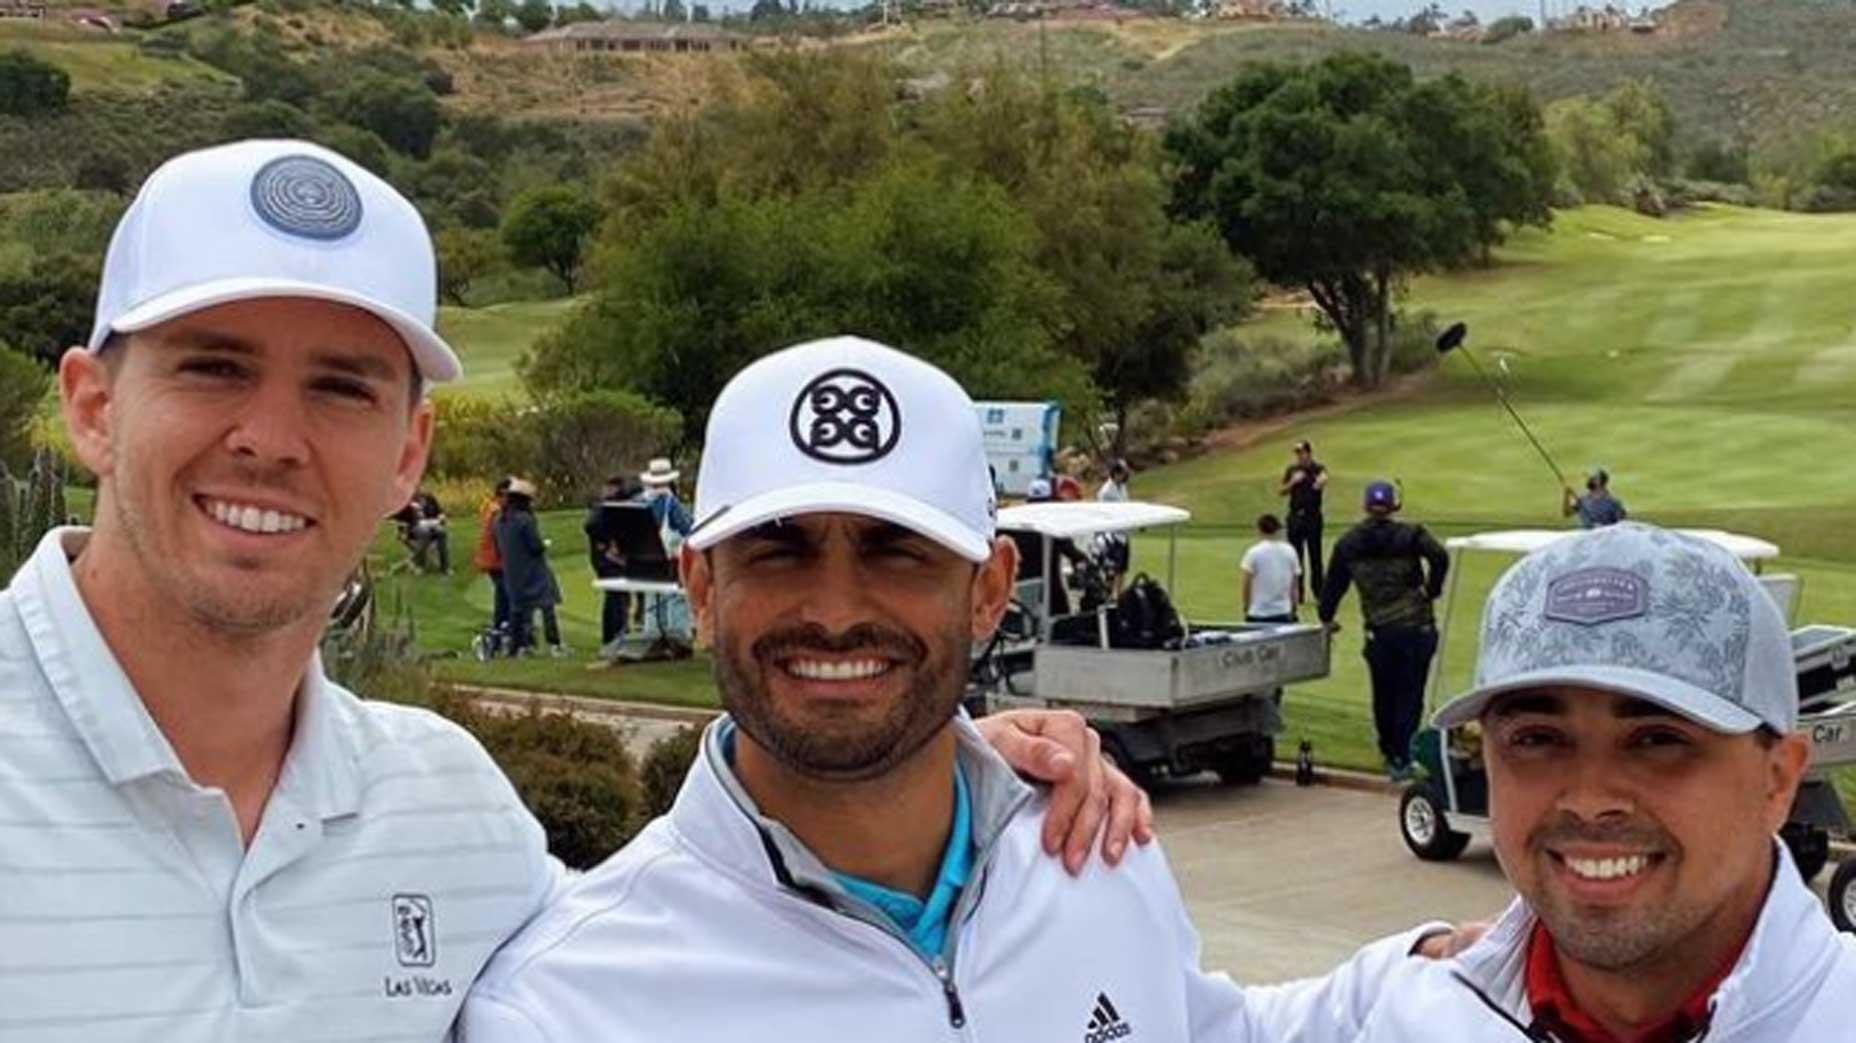 Victor Lopez, Marco Contreras and Estes Rodriguez